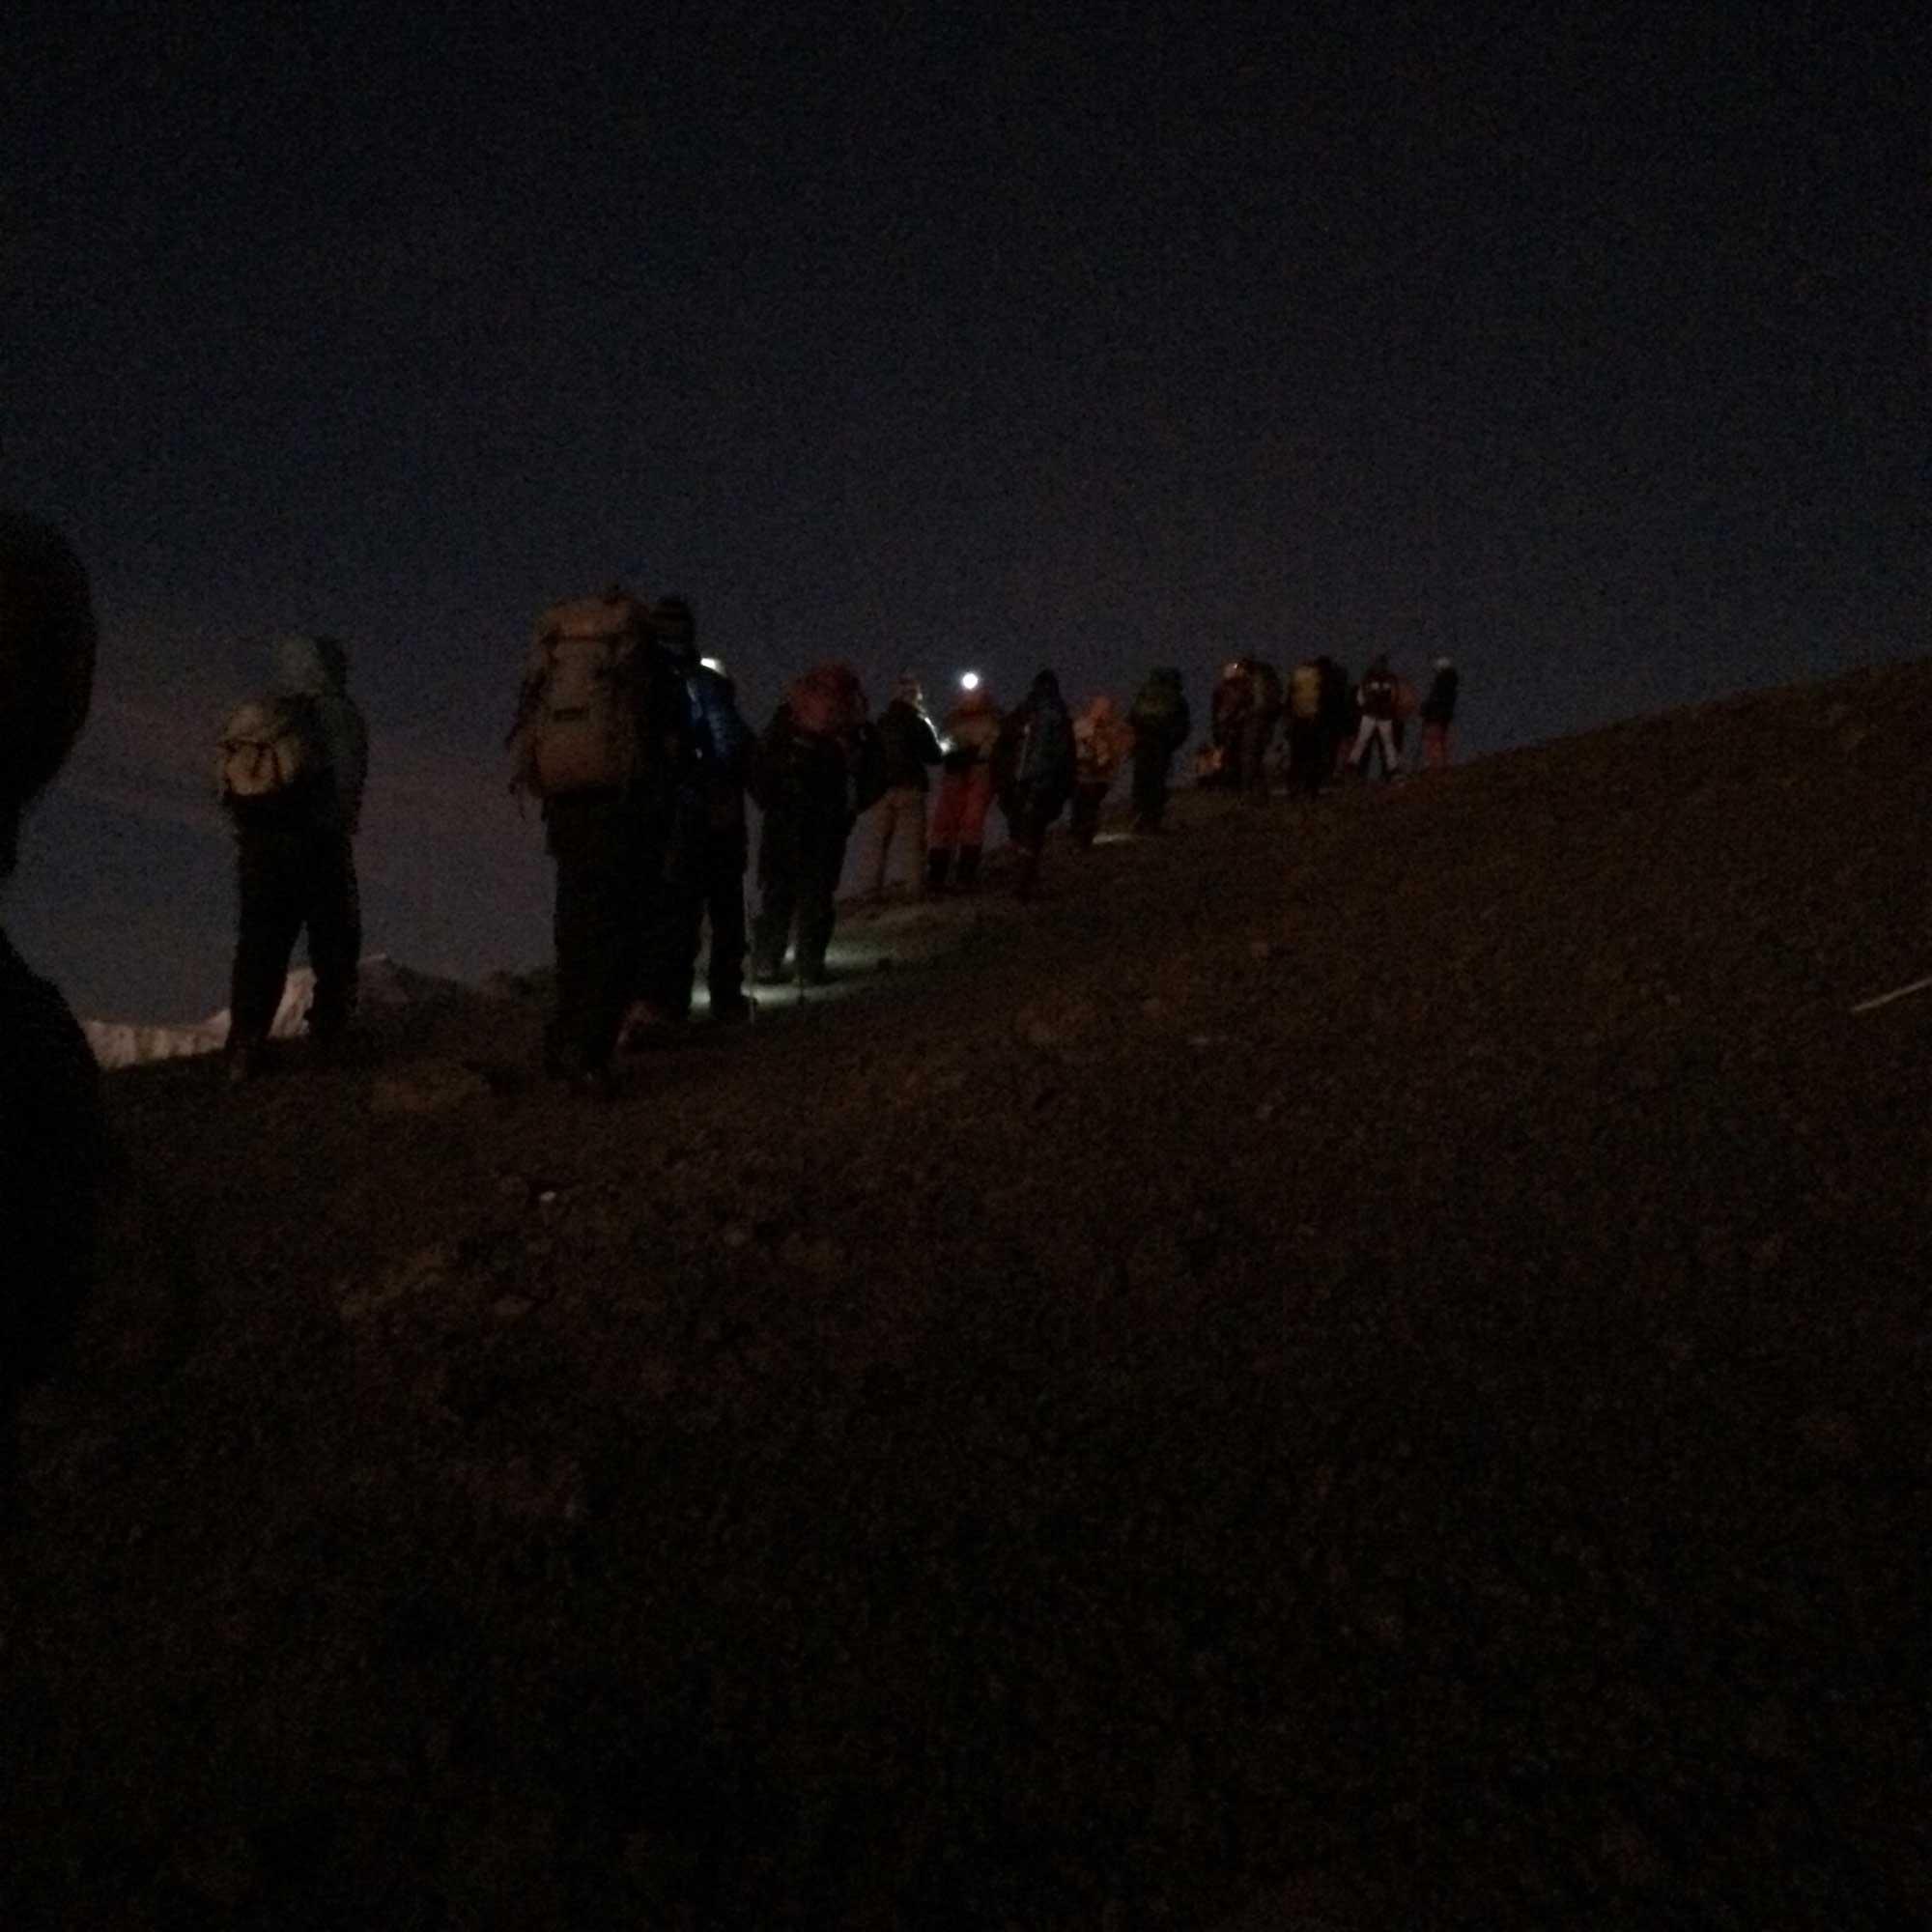 Kilimanjaro climbers making summit attempt in dark.